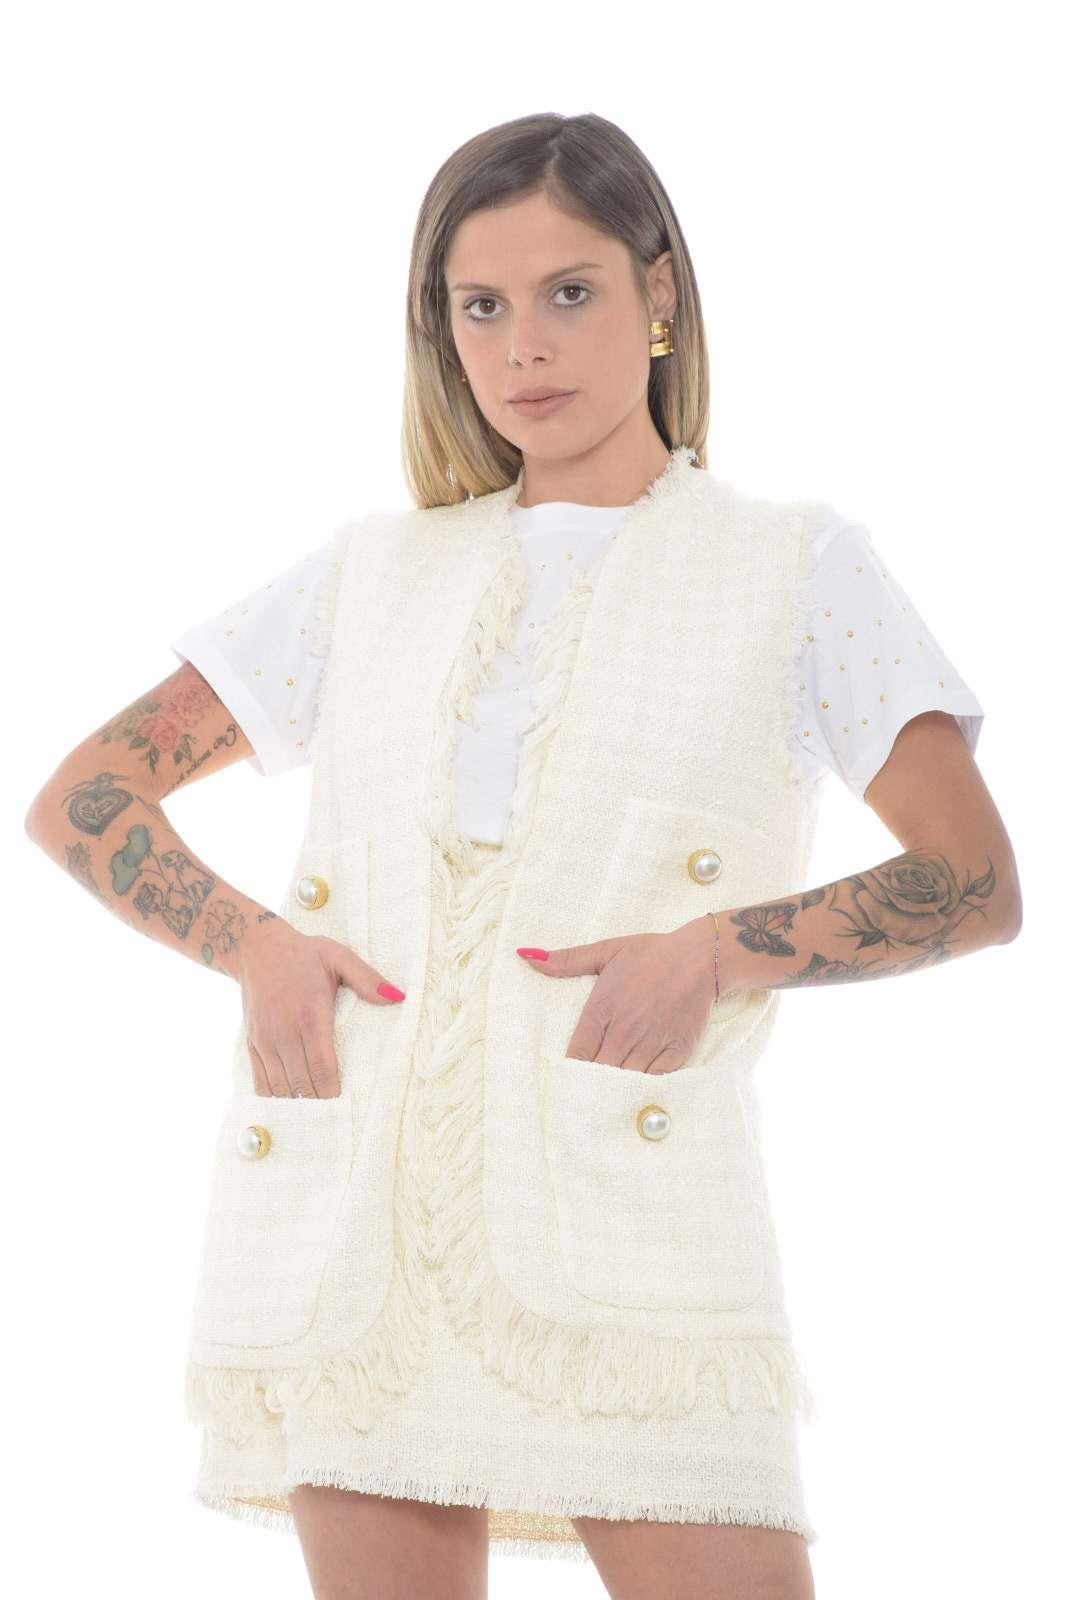 Lasciati affascinare dal nuovo gilet in tweed CRUDO proposto dalla collezione donna Pinko. Delicato e versatile è perfetto sia per creare un effetto tailler che da indossare con un jeans per ottenere un tocco glamour. Caratterizzato da tasche e bottoni grandi, grazie al tocco sfrangiato assume un risultato casual.